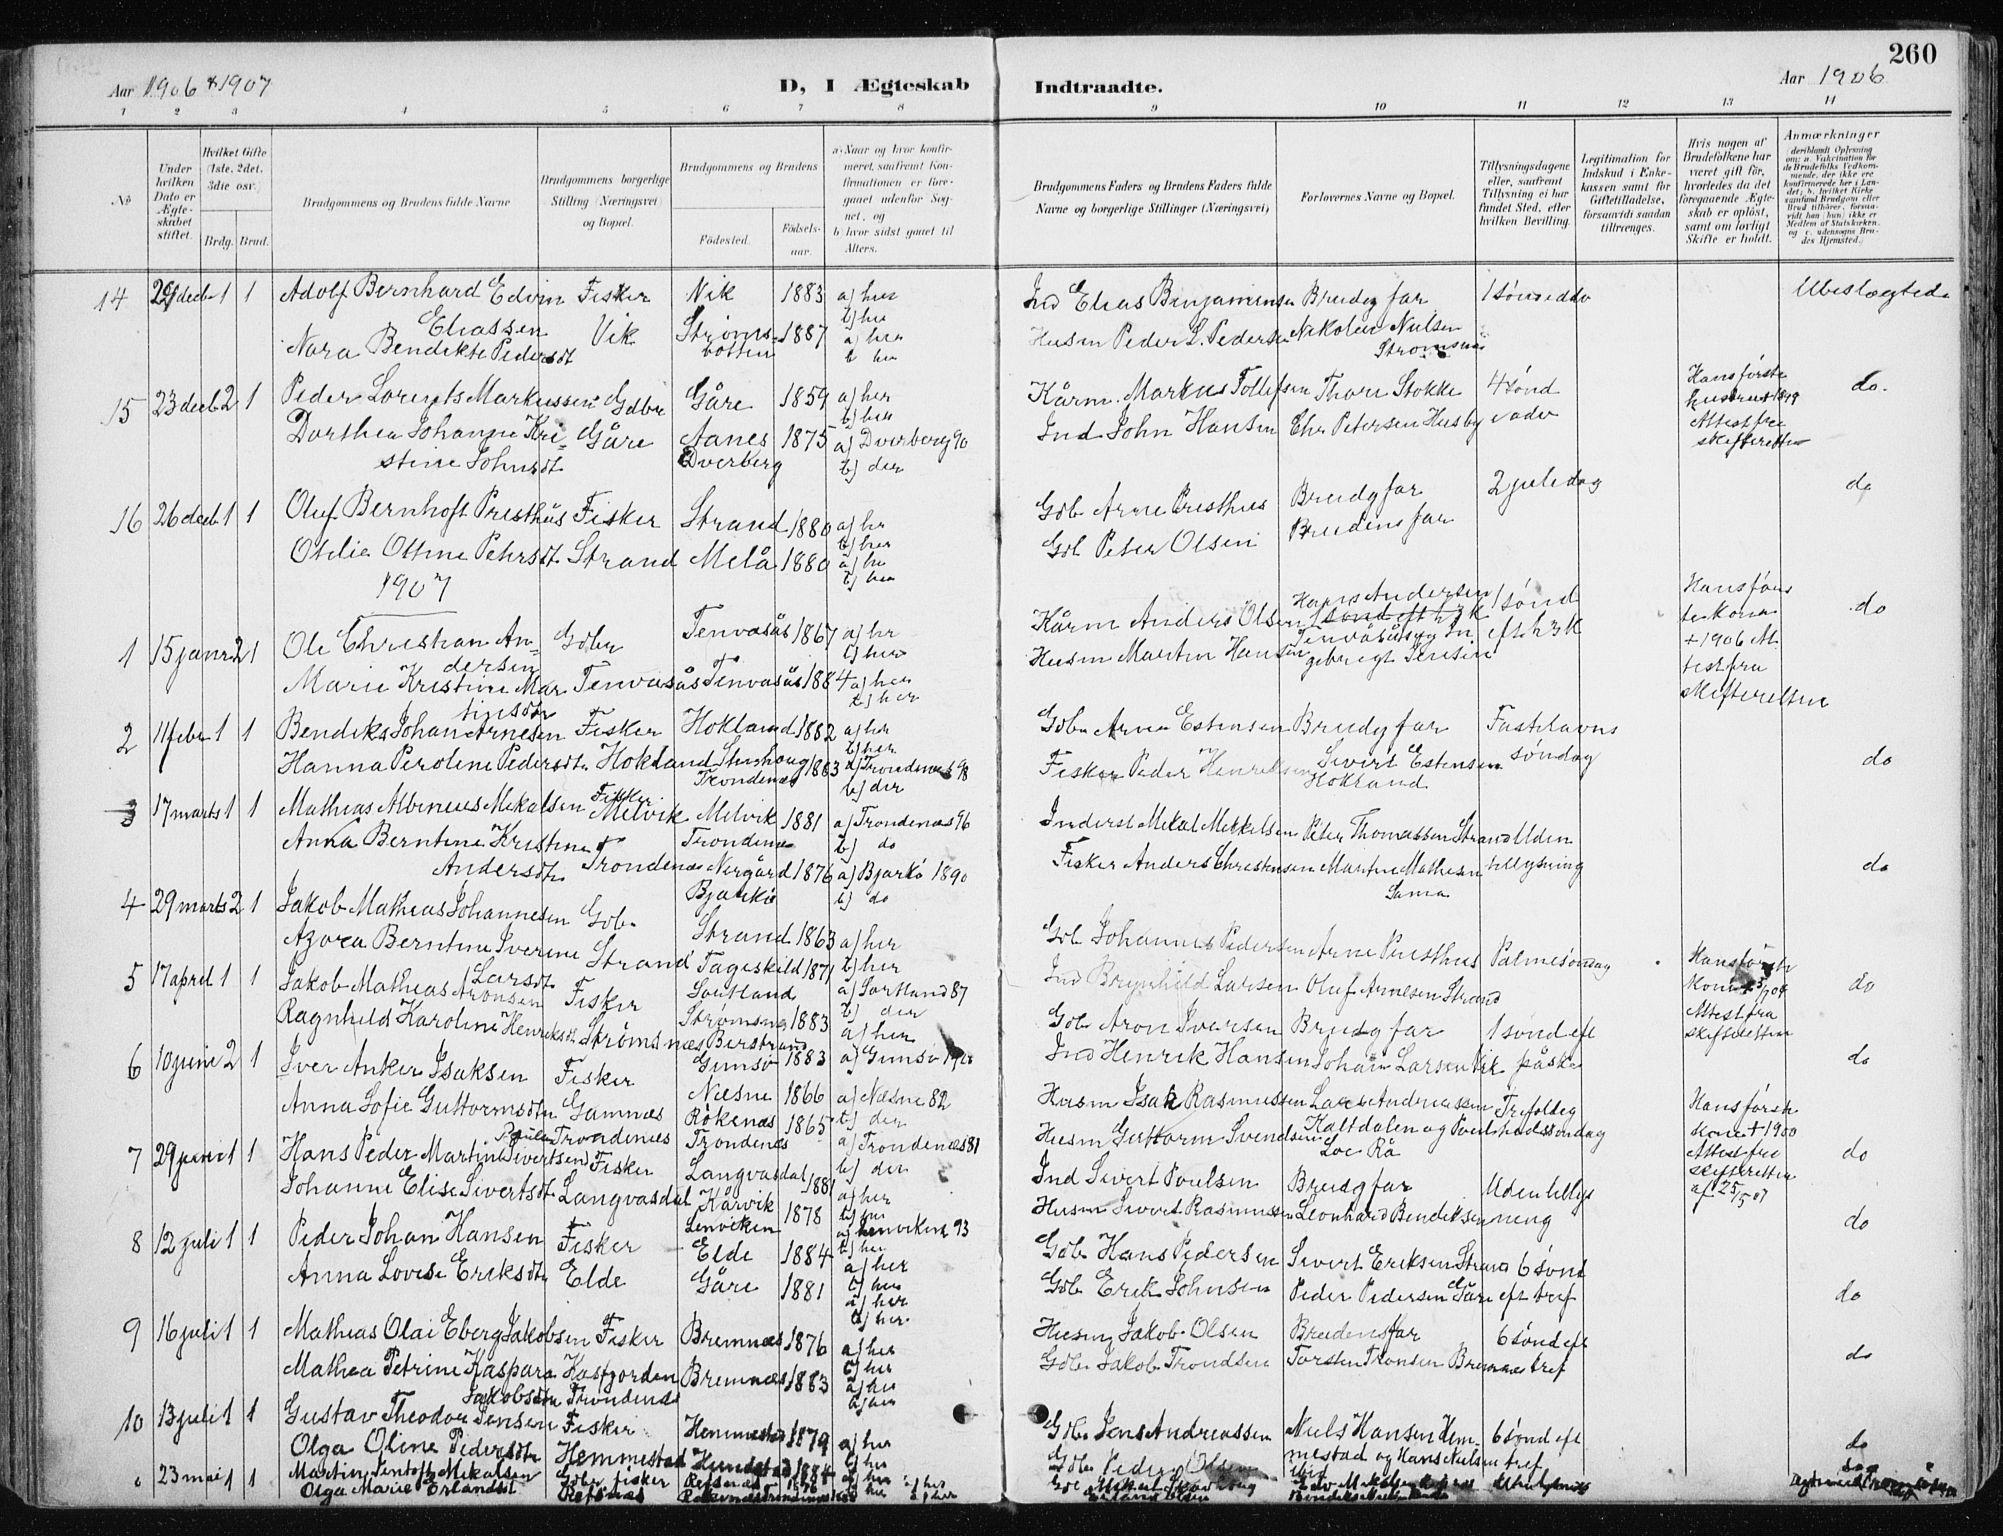 SATØ, Kvæfjord sokneprestkontor, G/Ga/Gaa/L0006kirke: Ministerialbok nr. 6, 1895-1914, s. 260